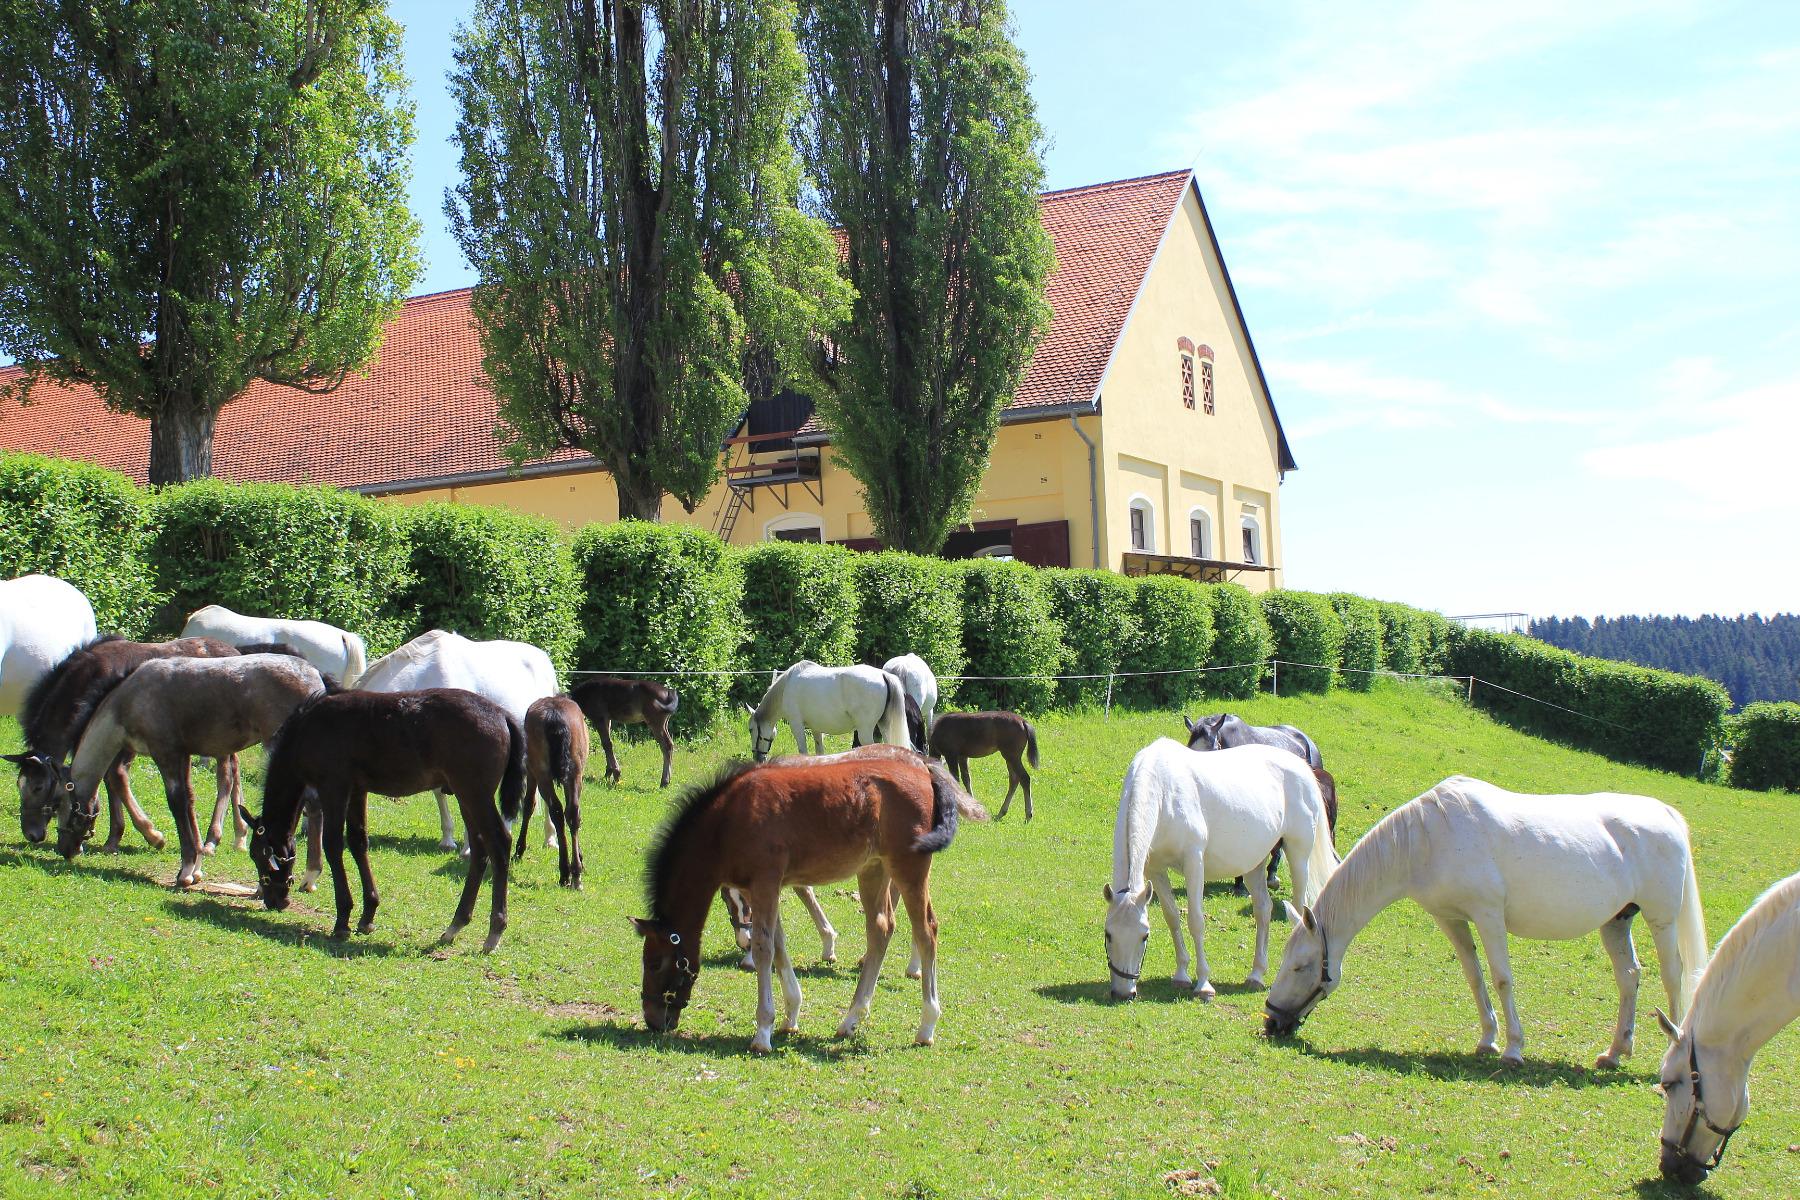 Stübben, Sattel, Sättel, Pferd, reiten, Reiter, Lippizaner, Hofreitschule Wien, Lippizanergestüt Piber, Fohlen, Hengst, Stute, Muttertag